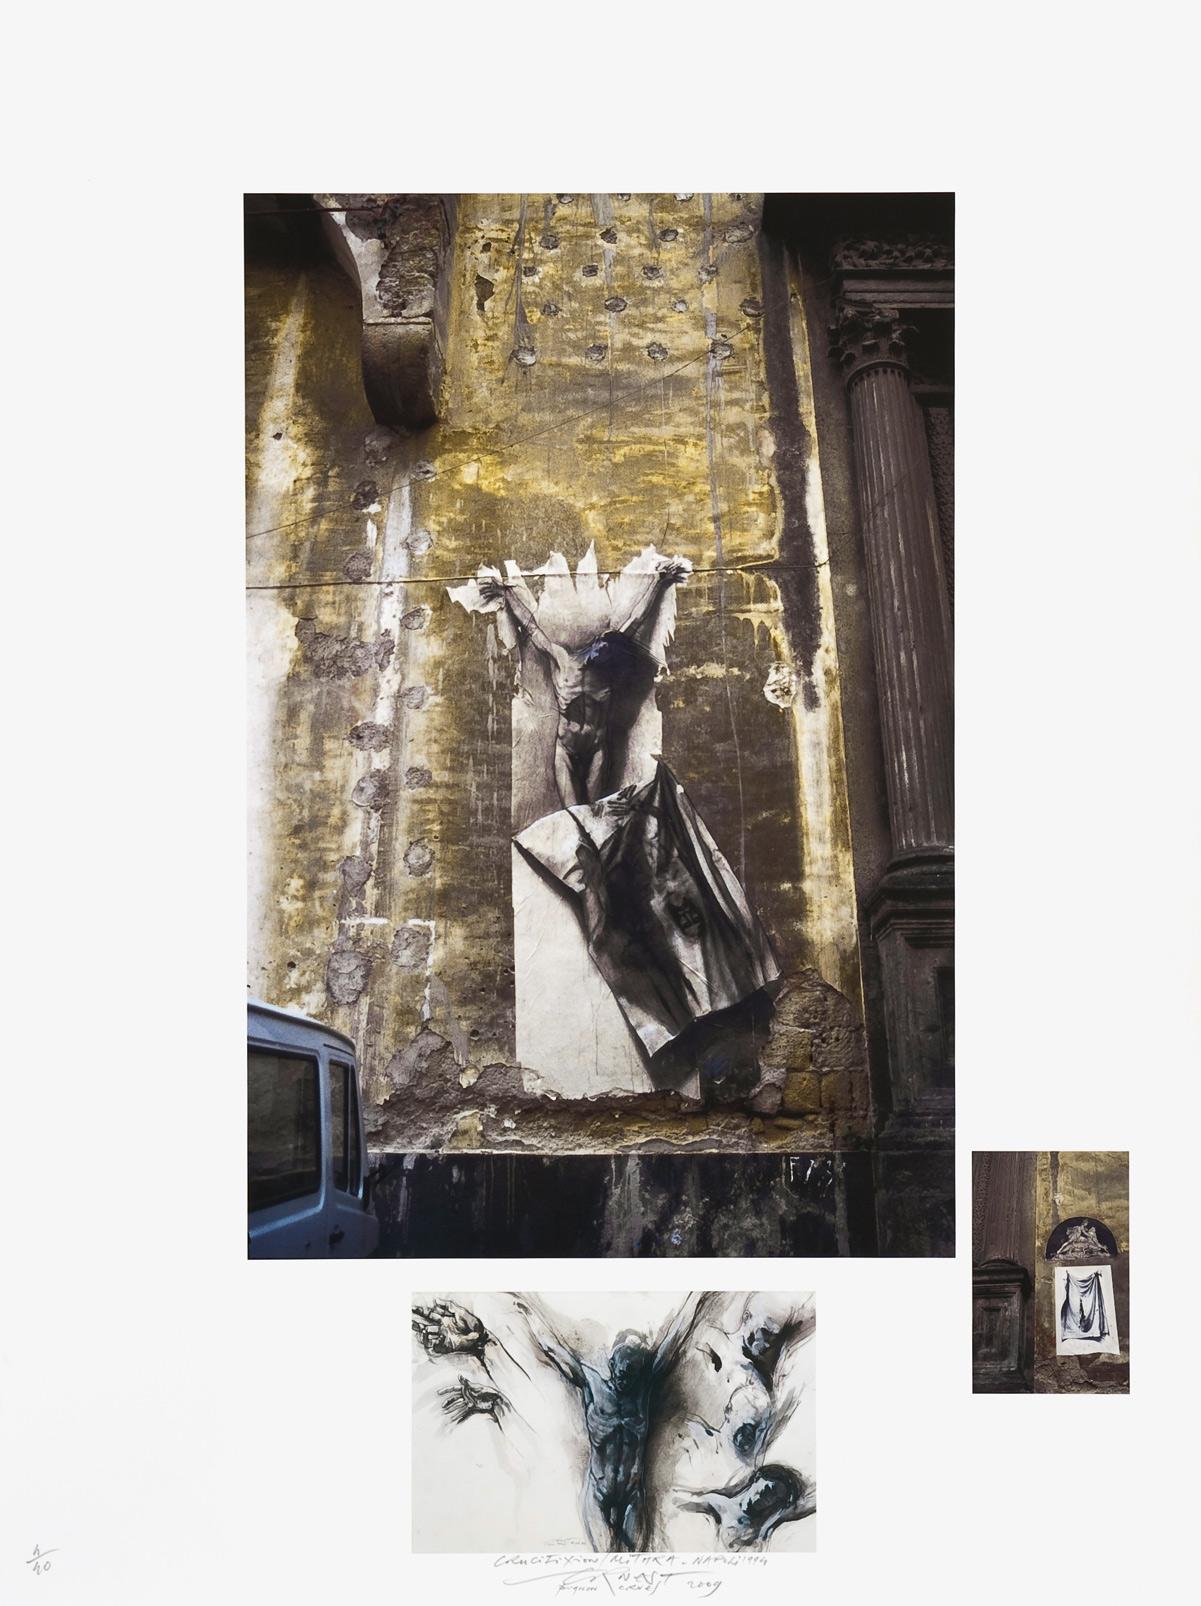 Crucifixion Mithra (Naples 1990), estampe numérique pigmentaire, 40 exemplaires, (80 x 60 cm)